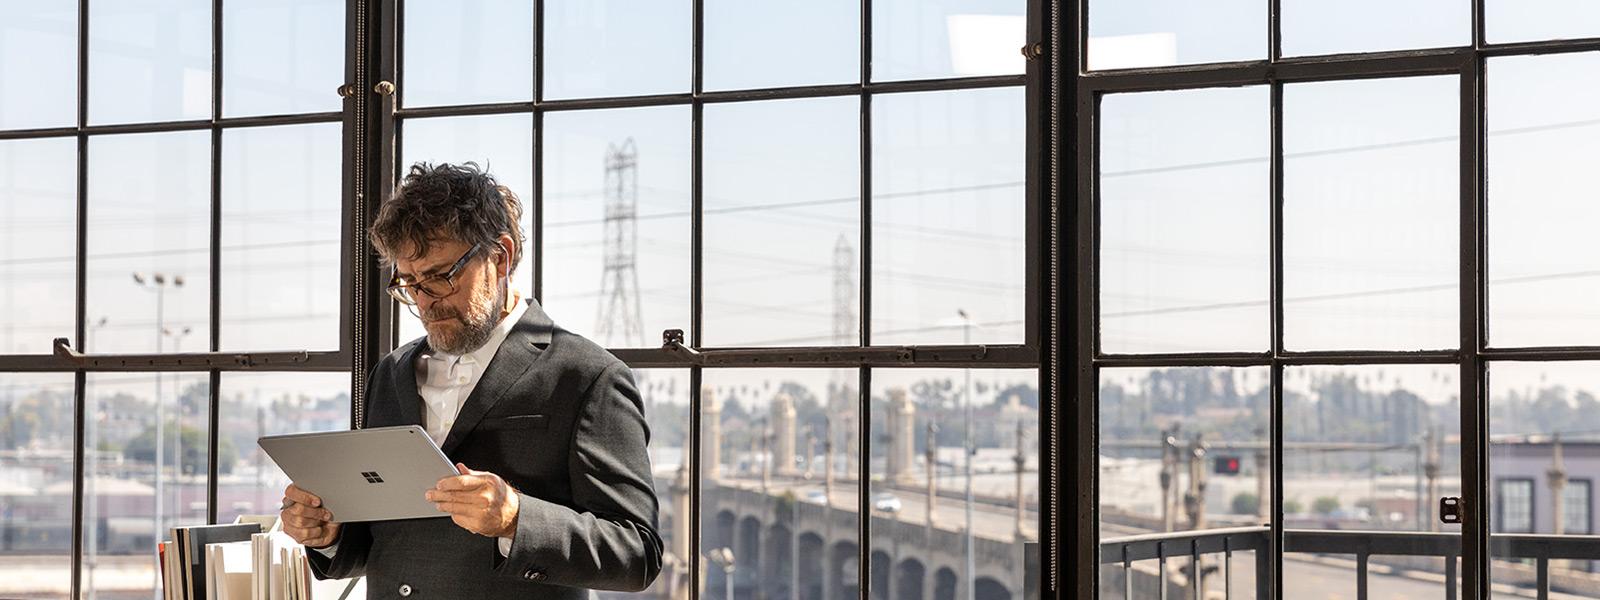 Ein Mann, der an einem Fenster steht, schaut auf sein Surface Book 3-Tablet